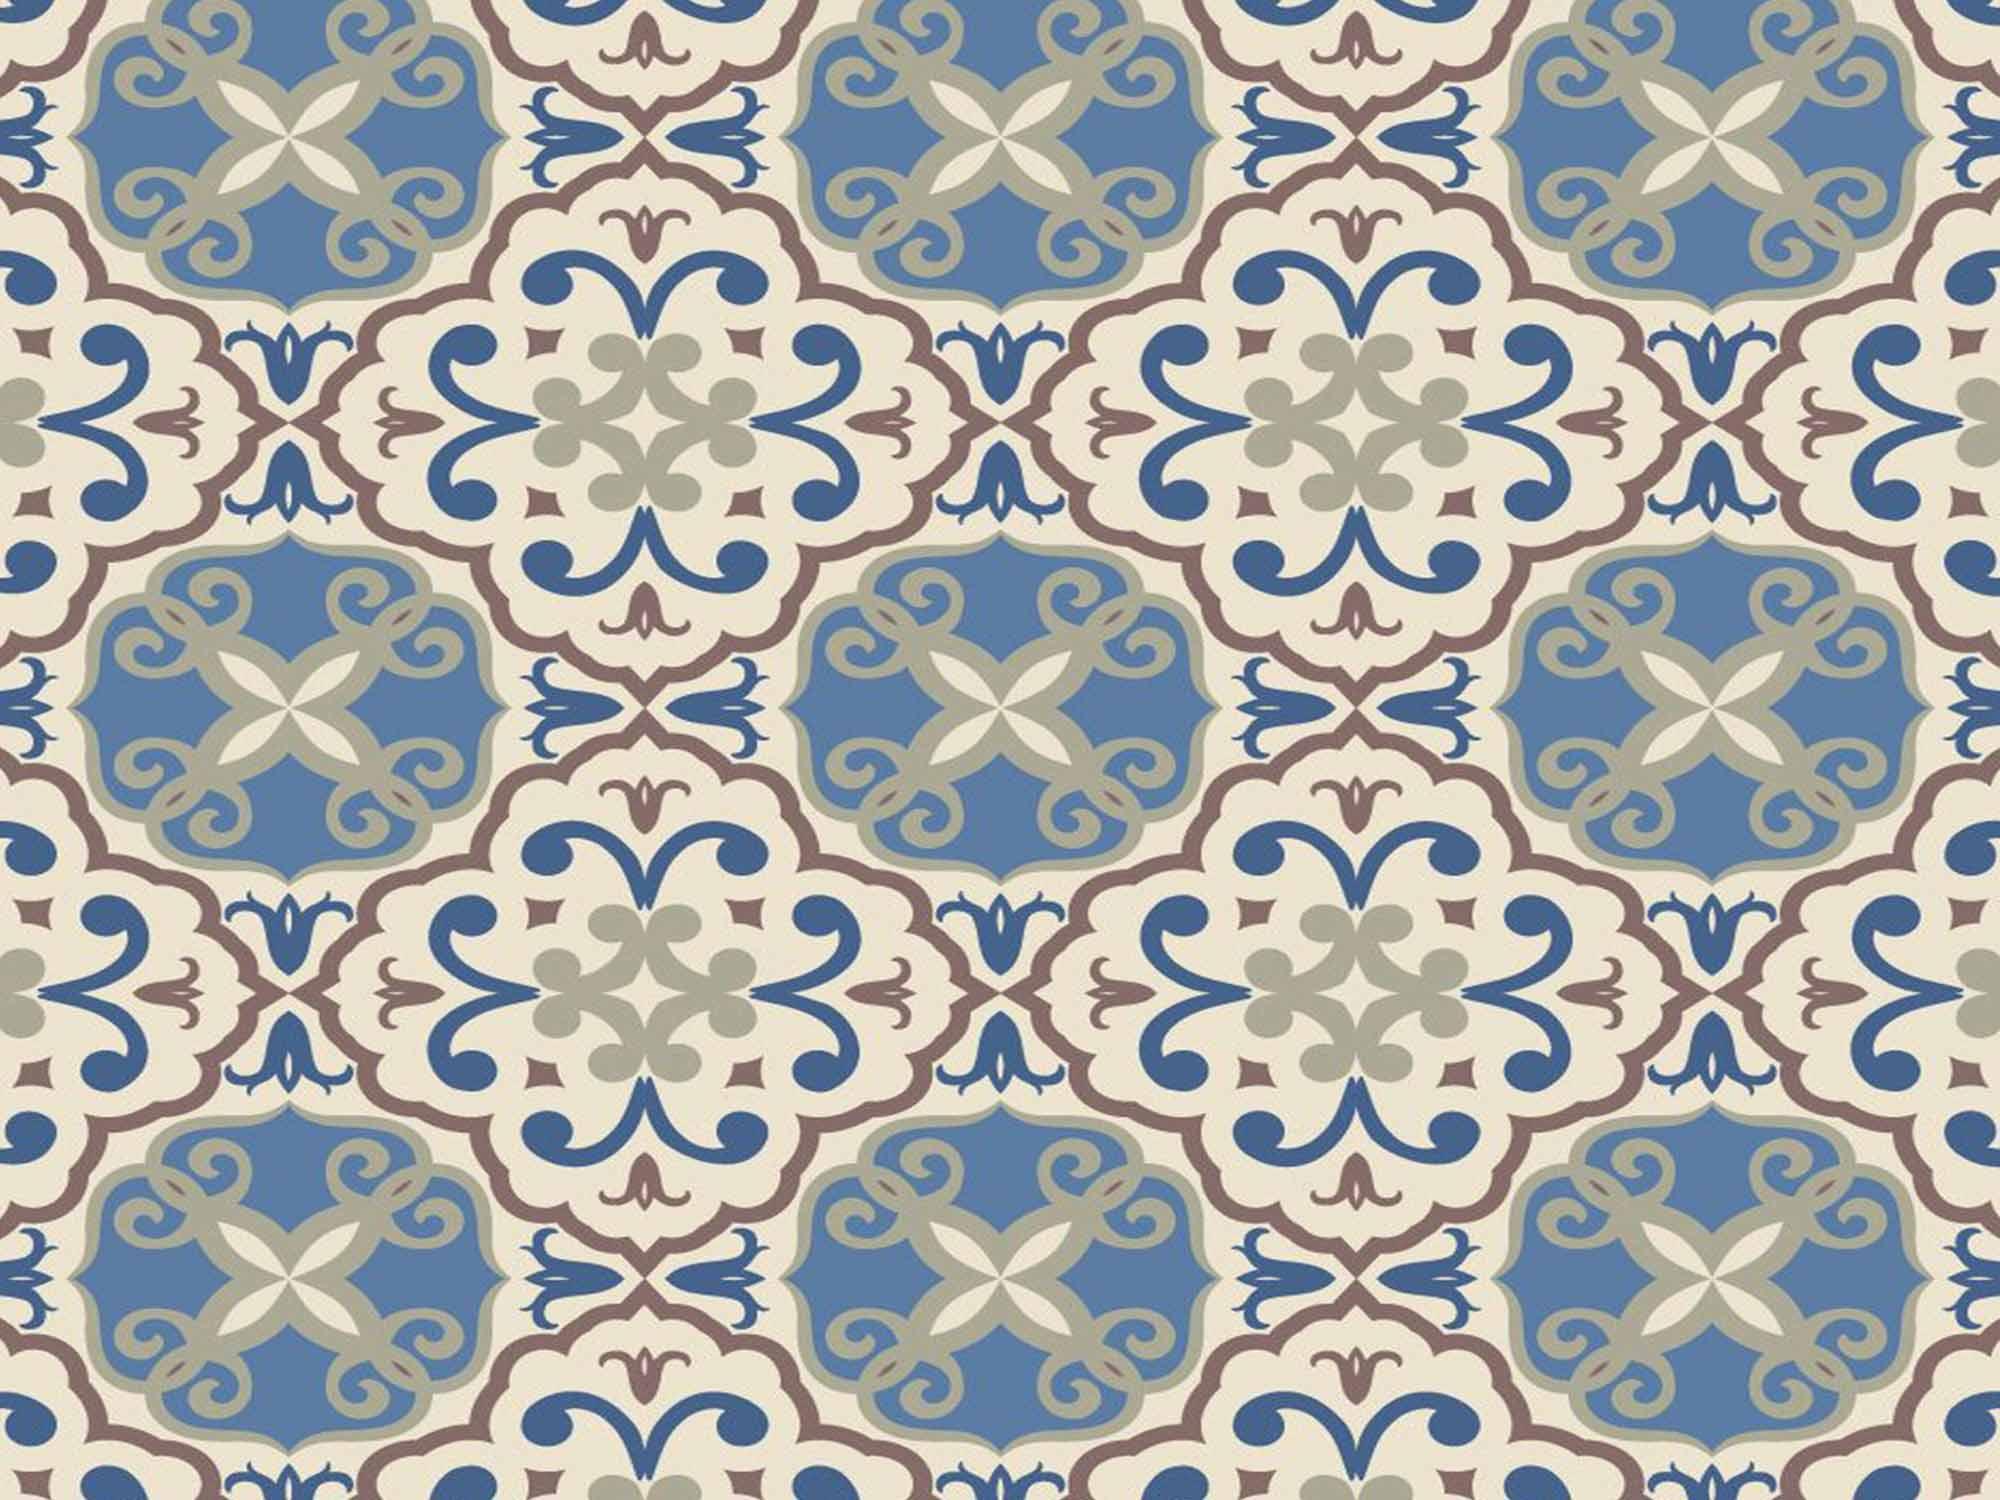 Papel de Parede para Cozinha Azulejos 0022 - Adesivos de Parede  - Paredes Decoradas